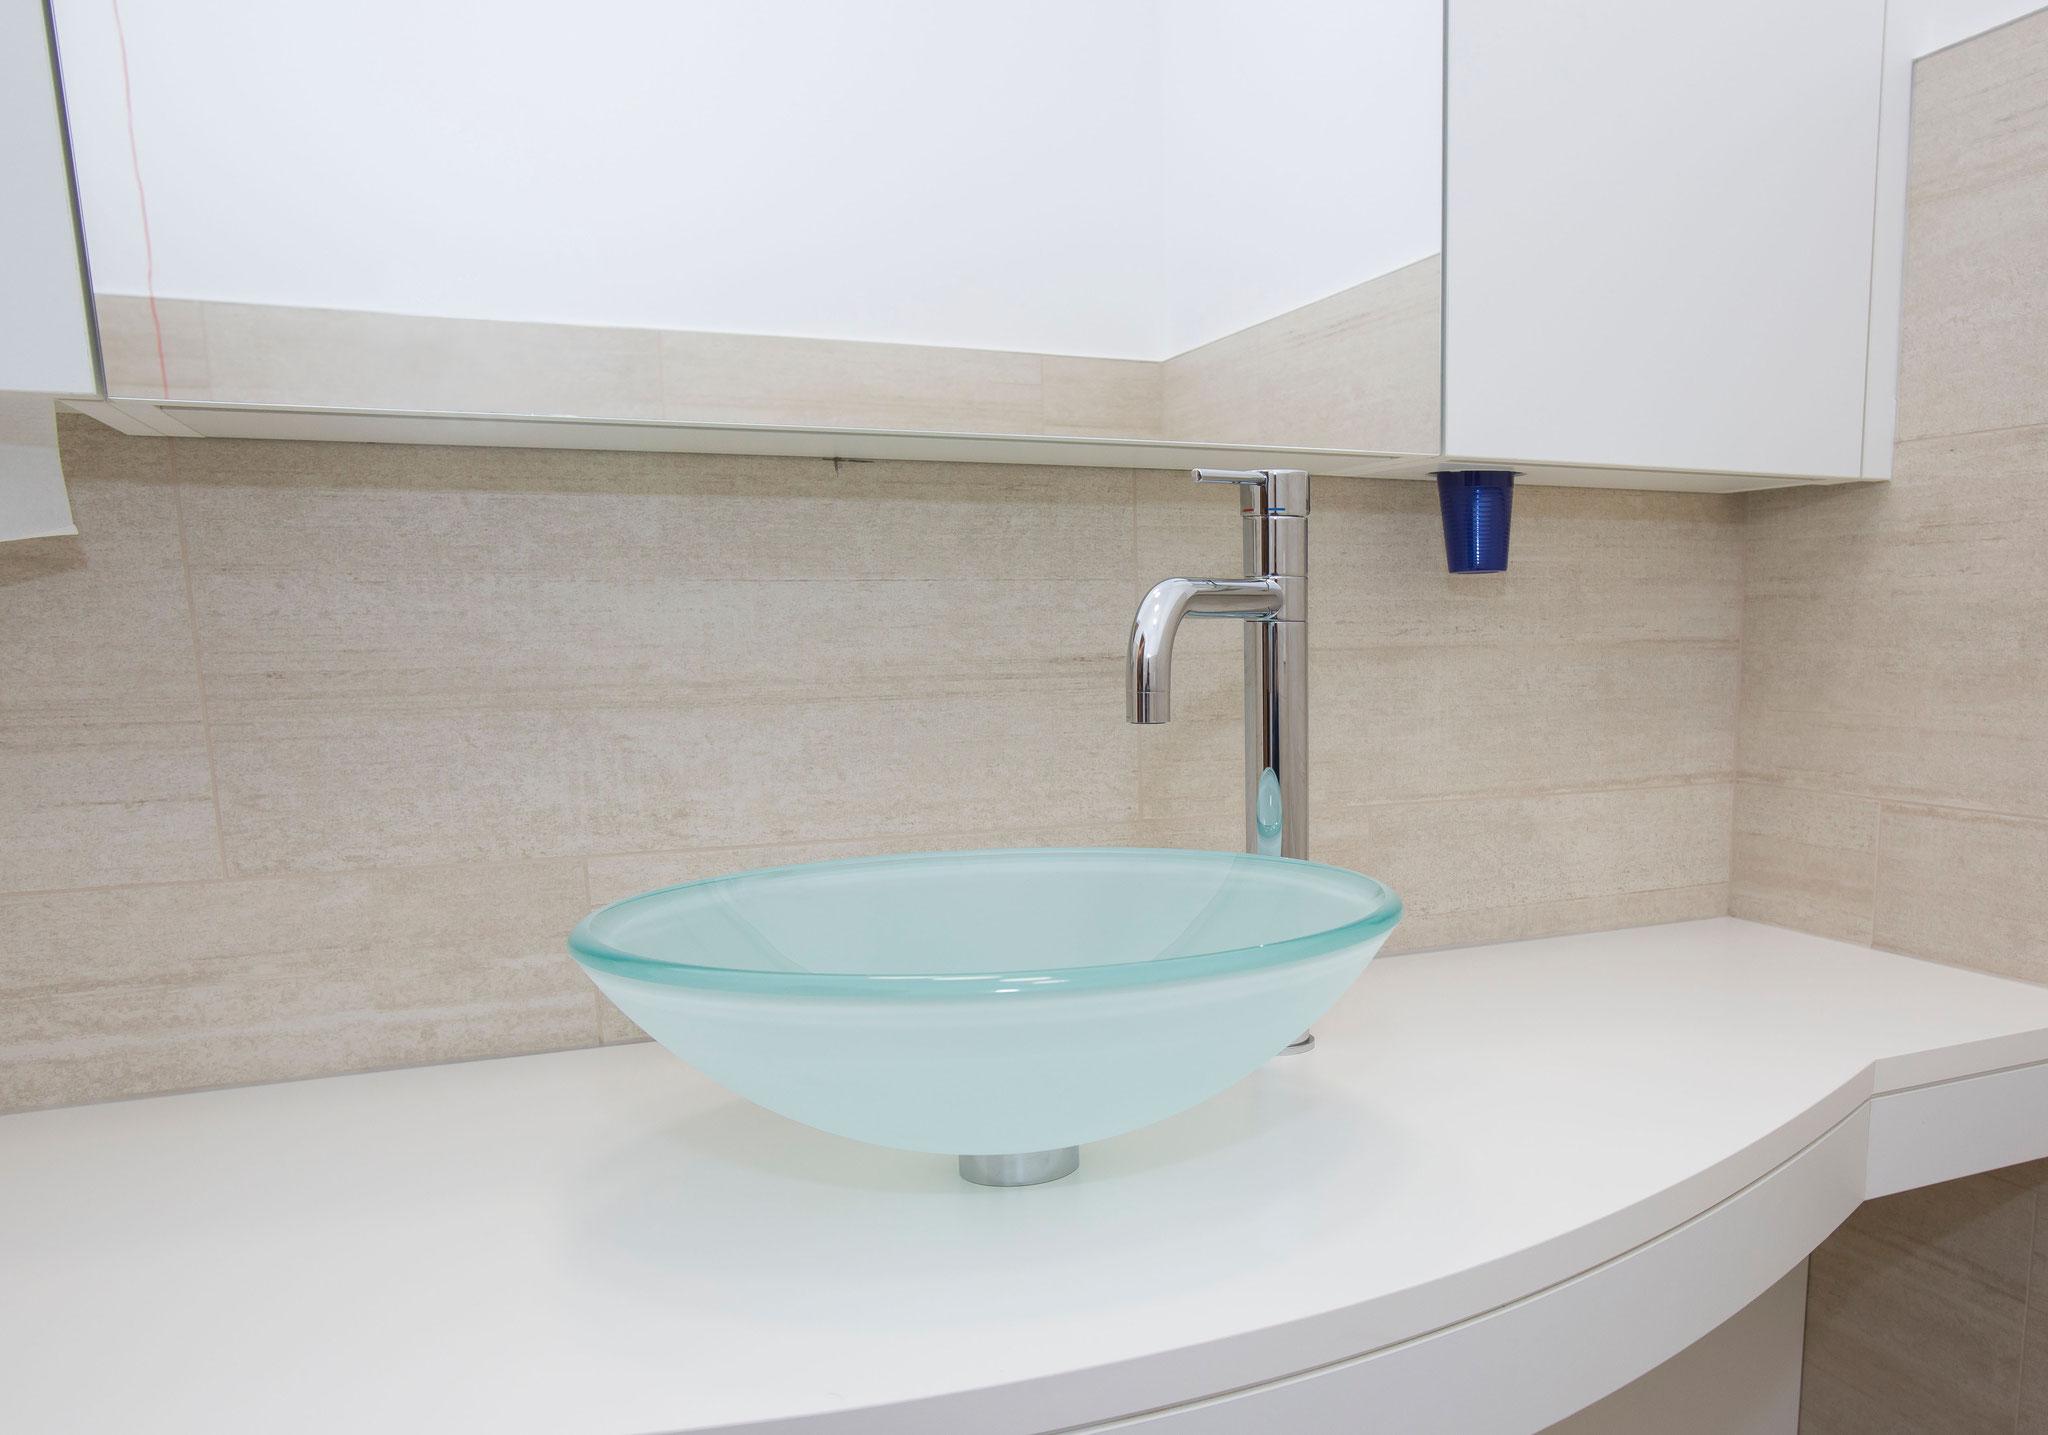 Sauberkeit und Hygiene steht bei uns an erster Stelle